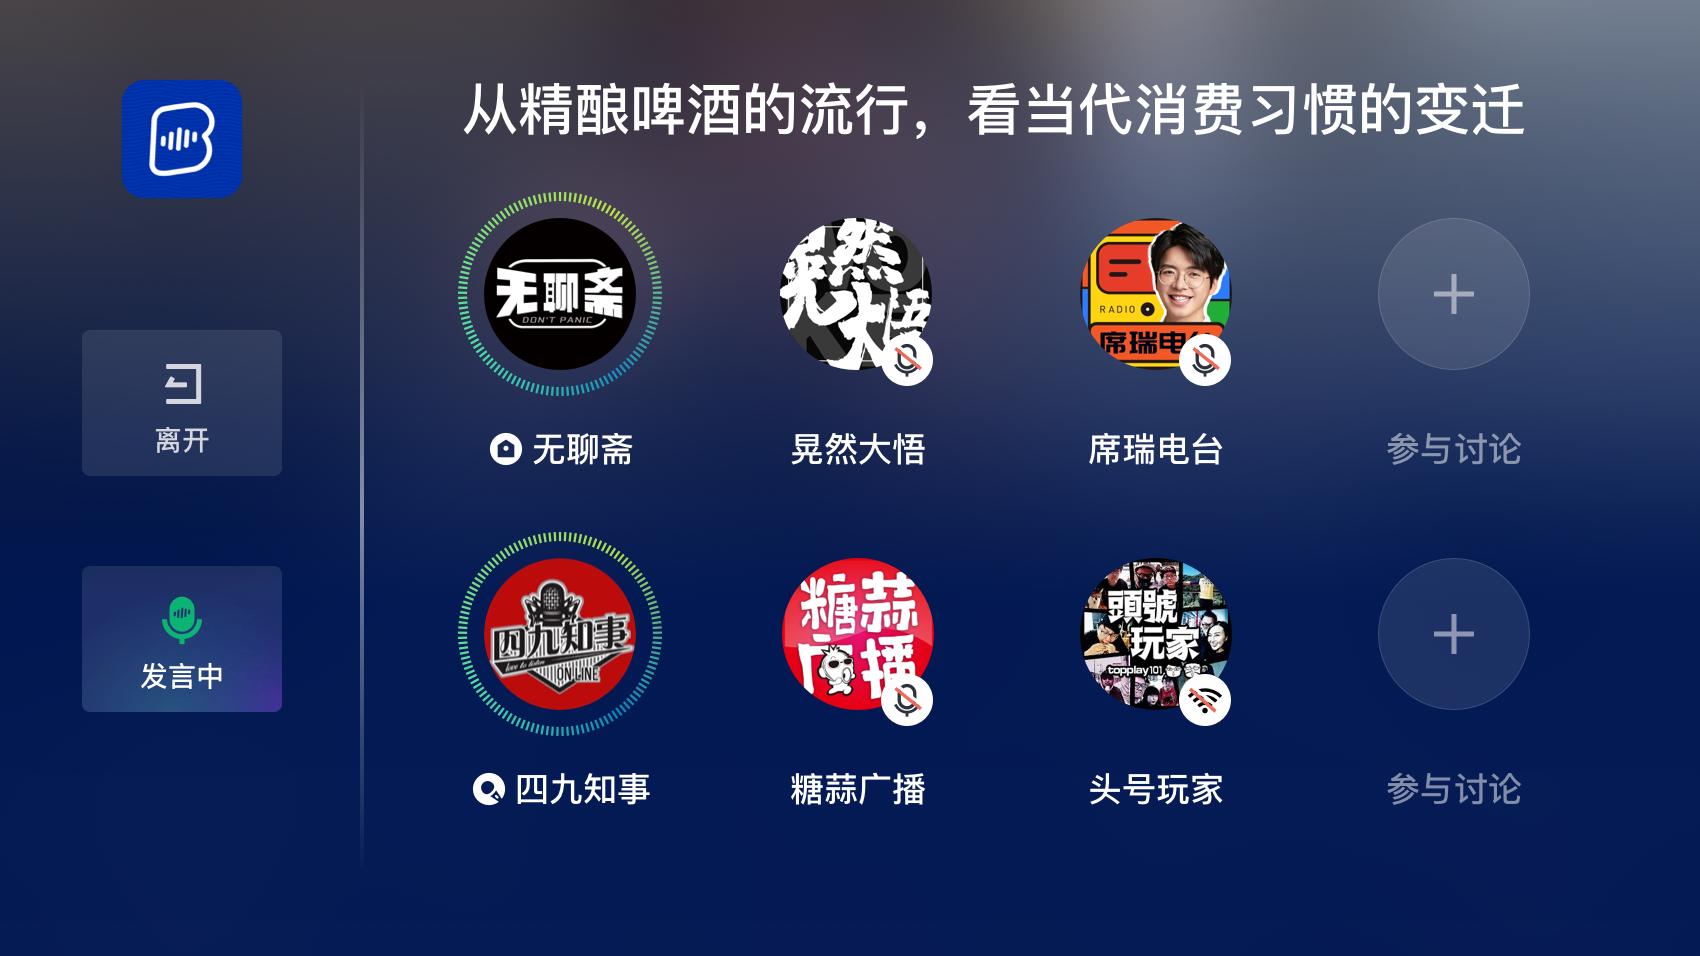 荔枝播客推出播客直播 上线小鹏汽车车载系统